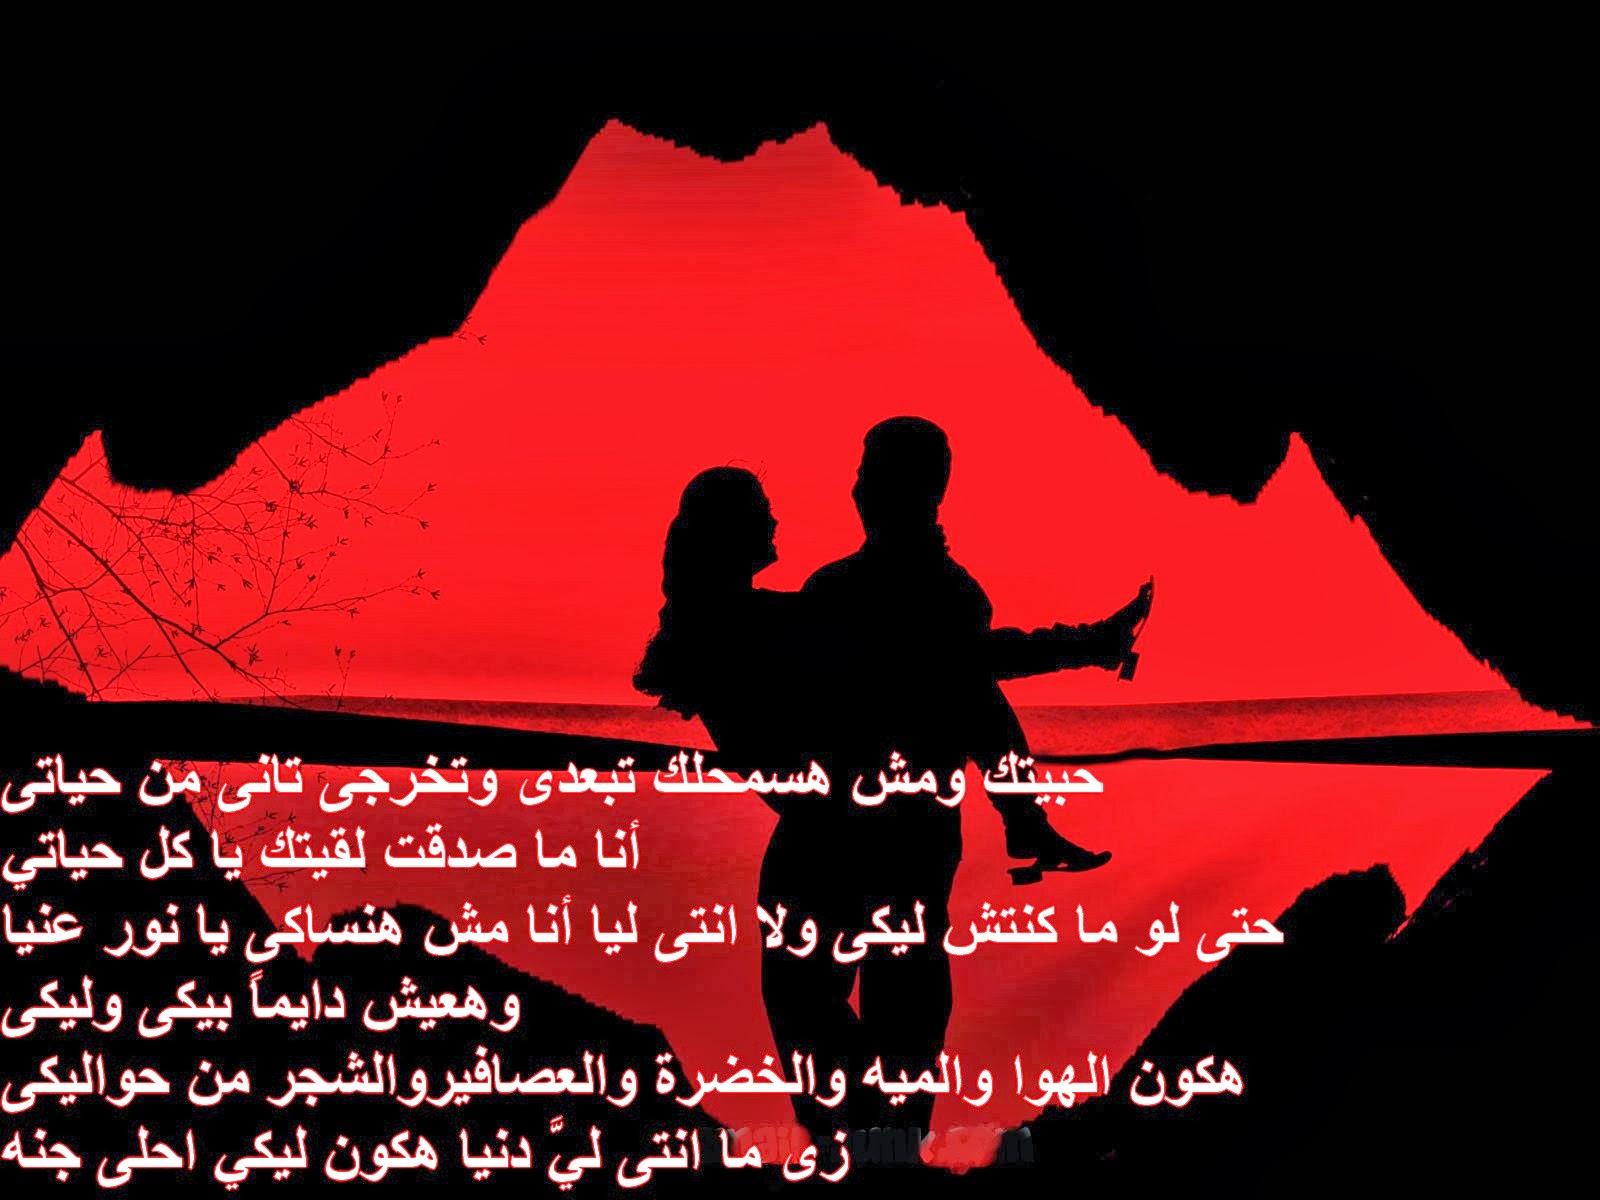 بالصور اجمل عبارات الحب والرومانسية , شوف هالعبارات تجعل حبيبك يذوب من عشقك 1830 3